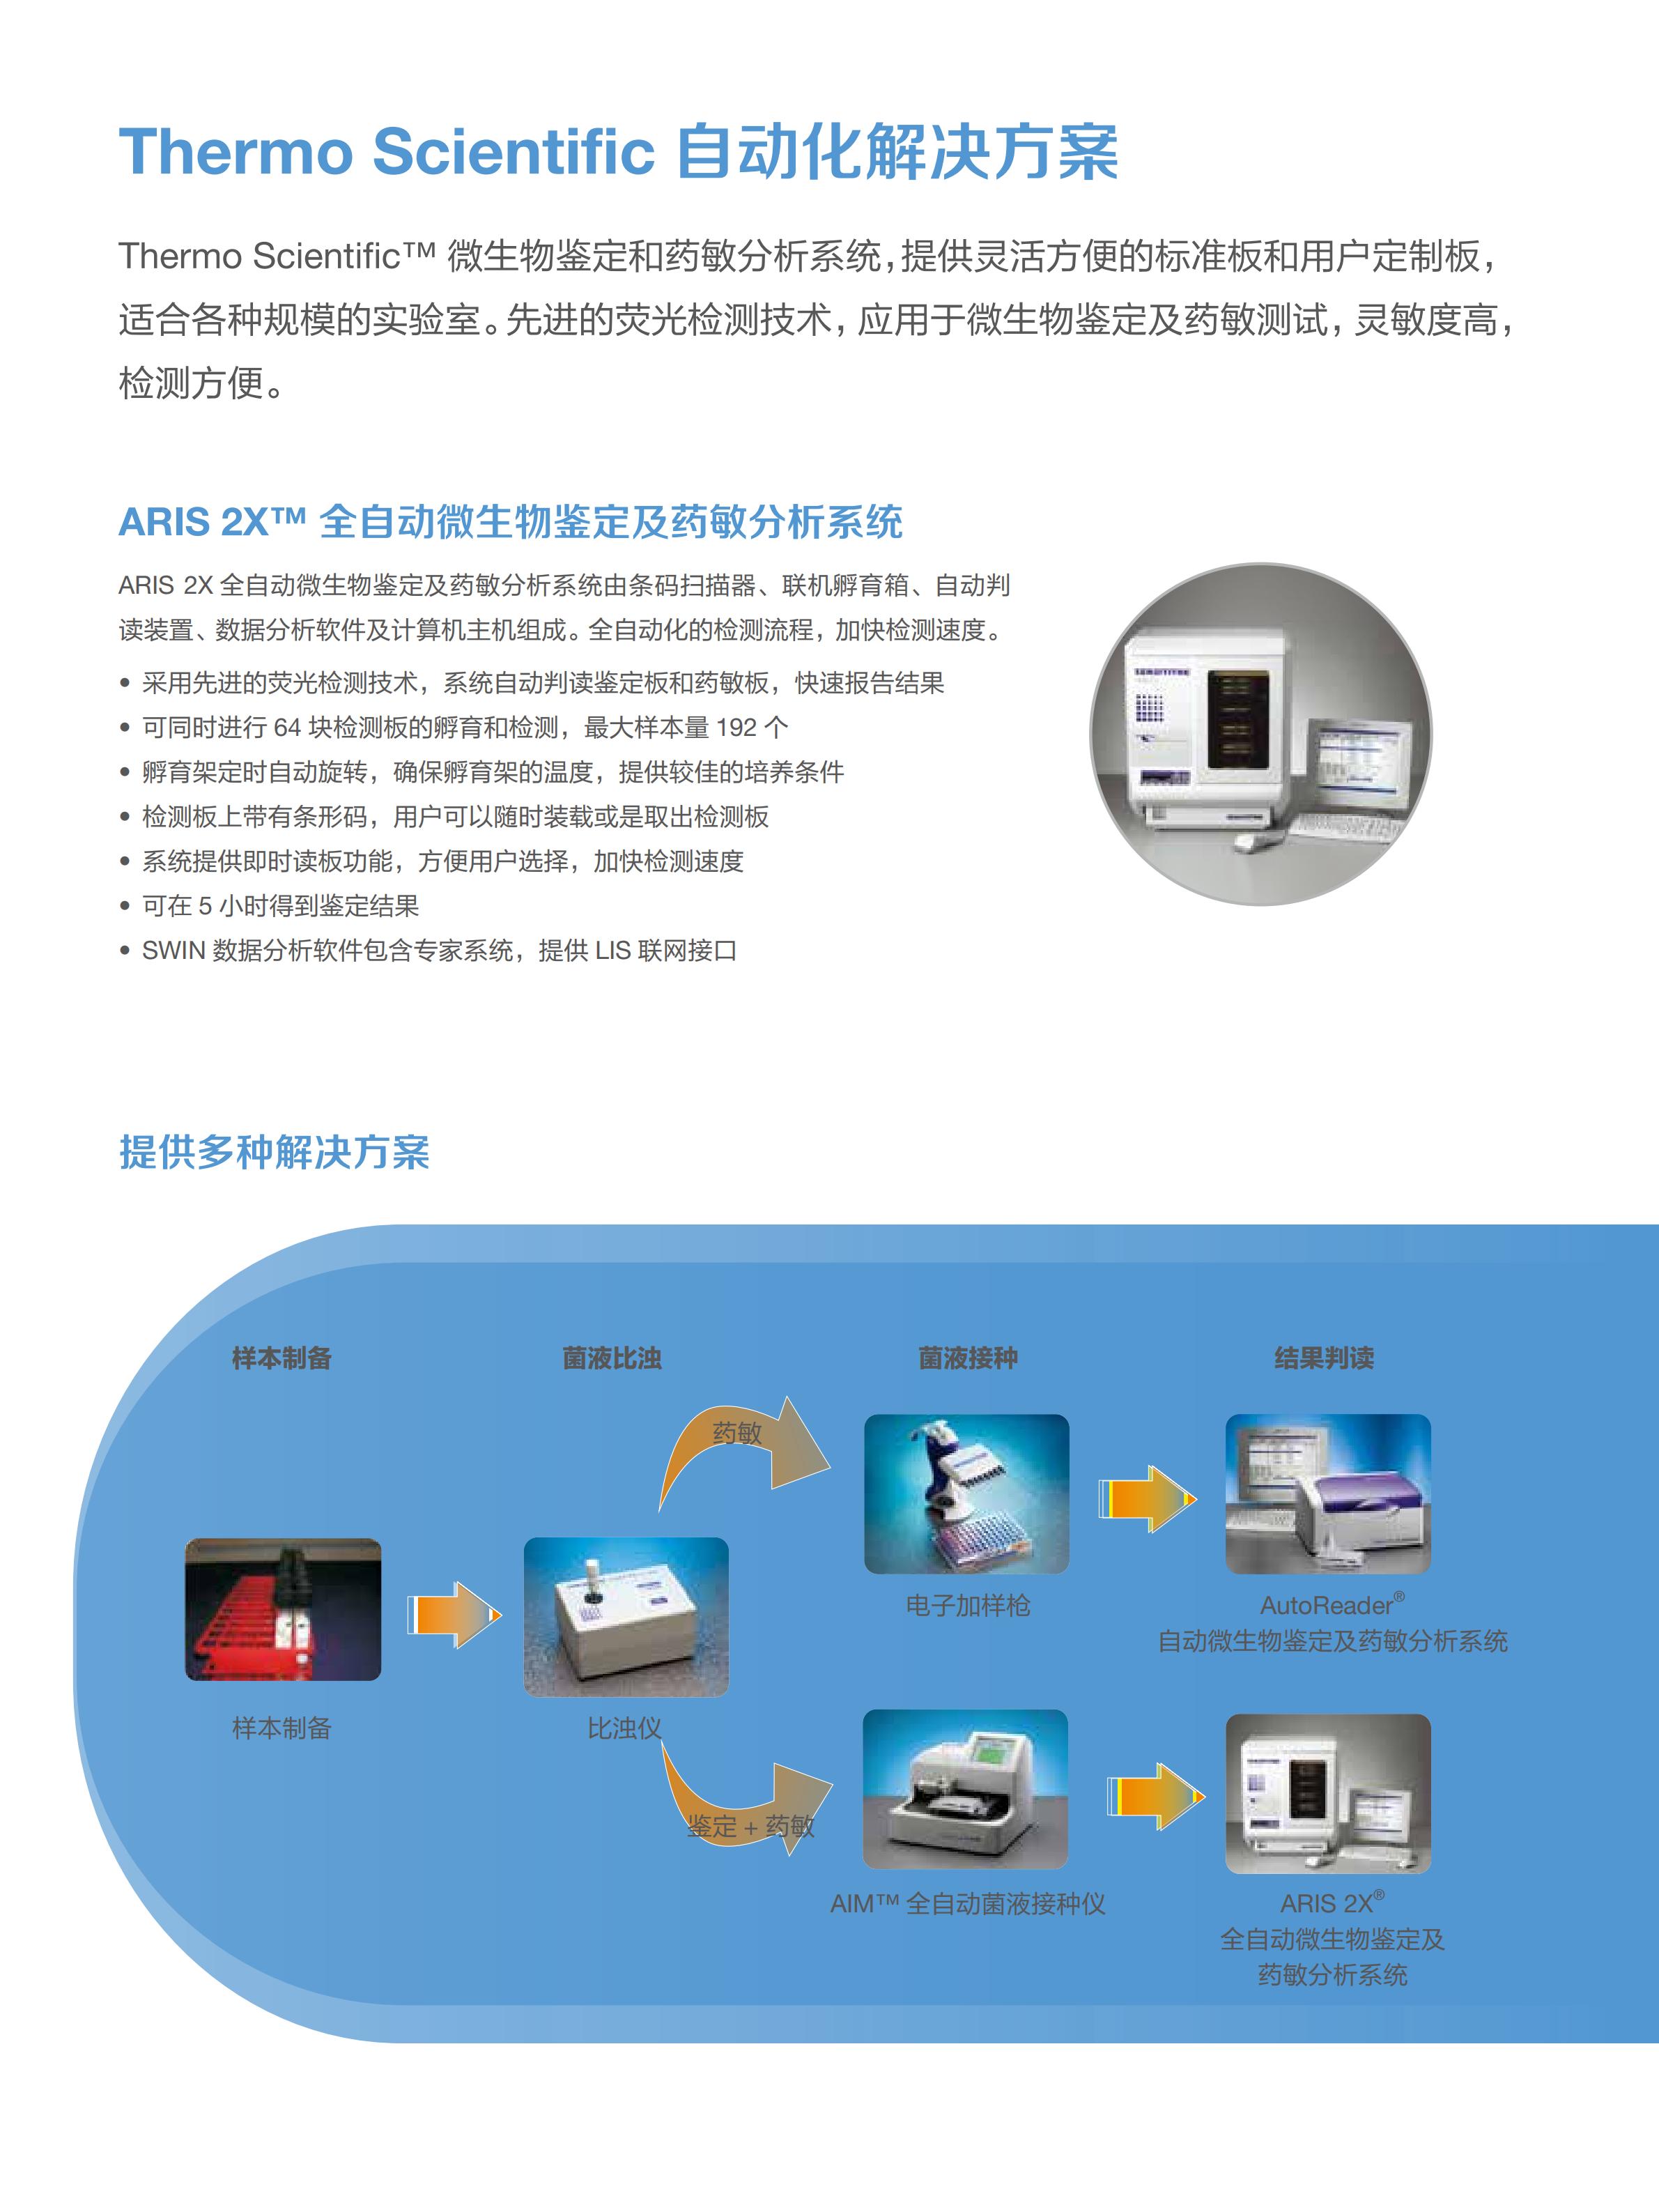 鉴定药敏分析系统彩页_01.png